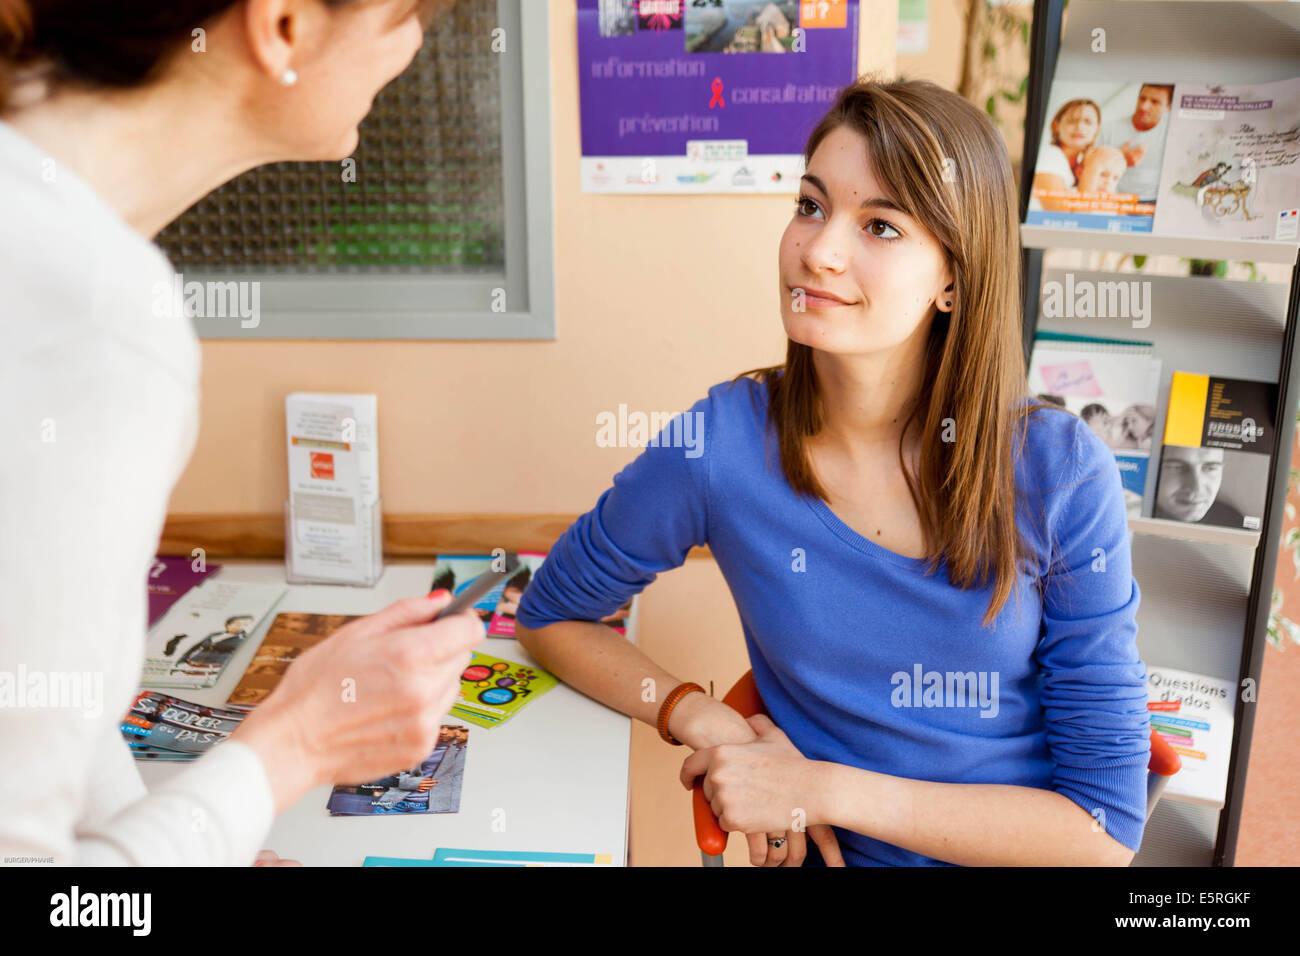 Adolescente dans un centre de la pianificazione familiare, ragazza adolescente presso una famiglia centro di pianificazione. Immagini Stock